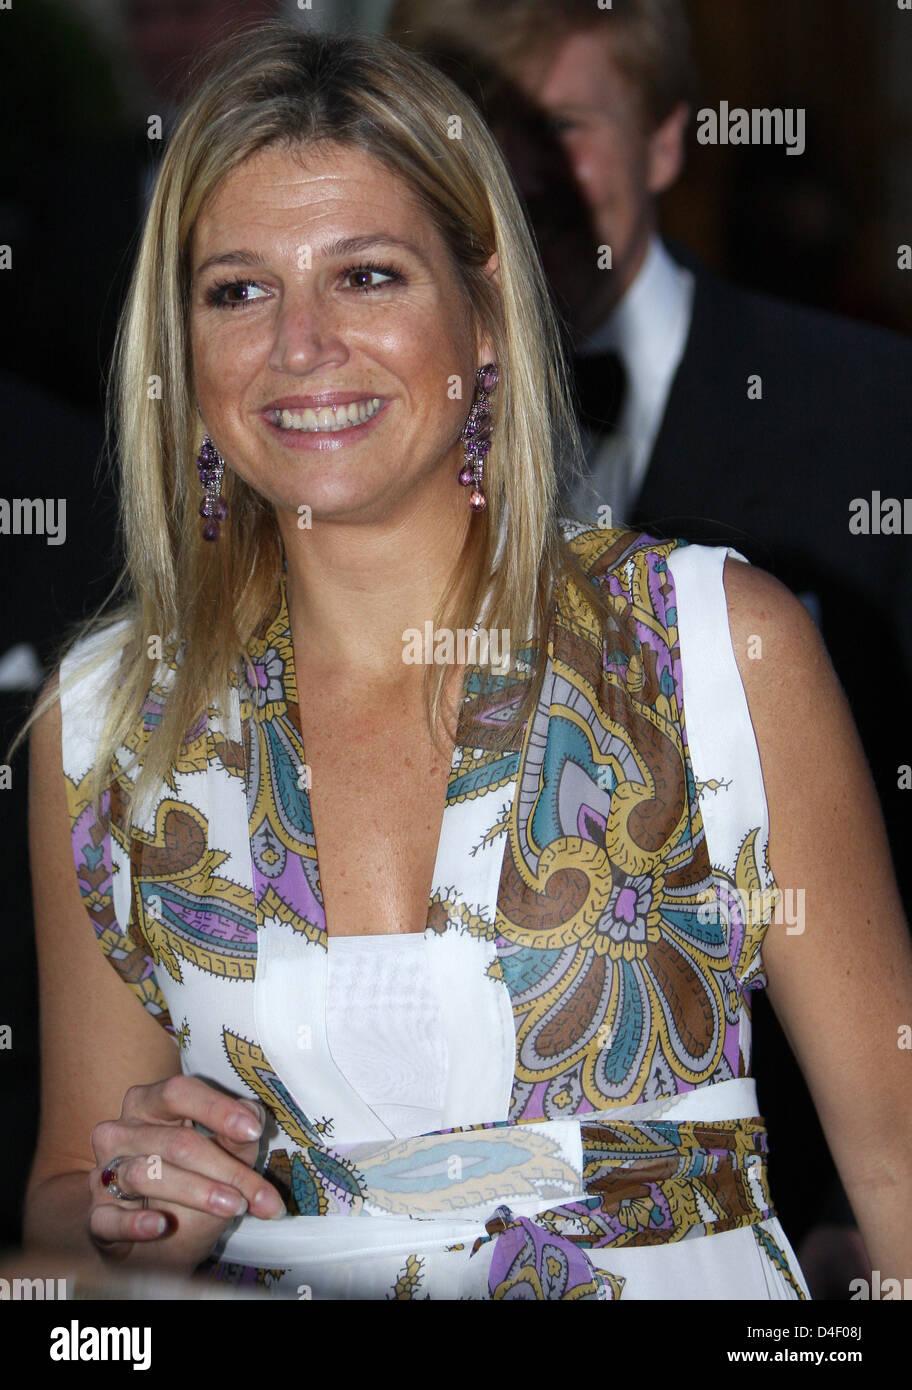 La Princesa Máxima de Holanda asiste a la ceremonia de entrega del premio Willem I Premio de 2008 en La Haya, Imagen De Stock